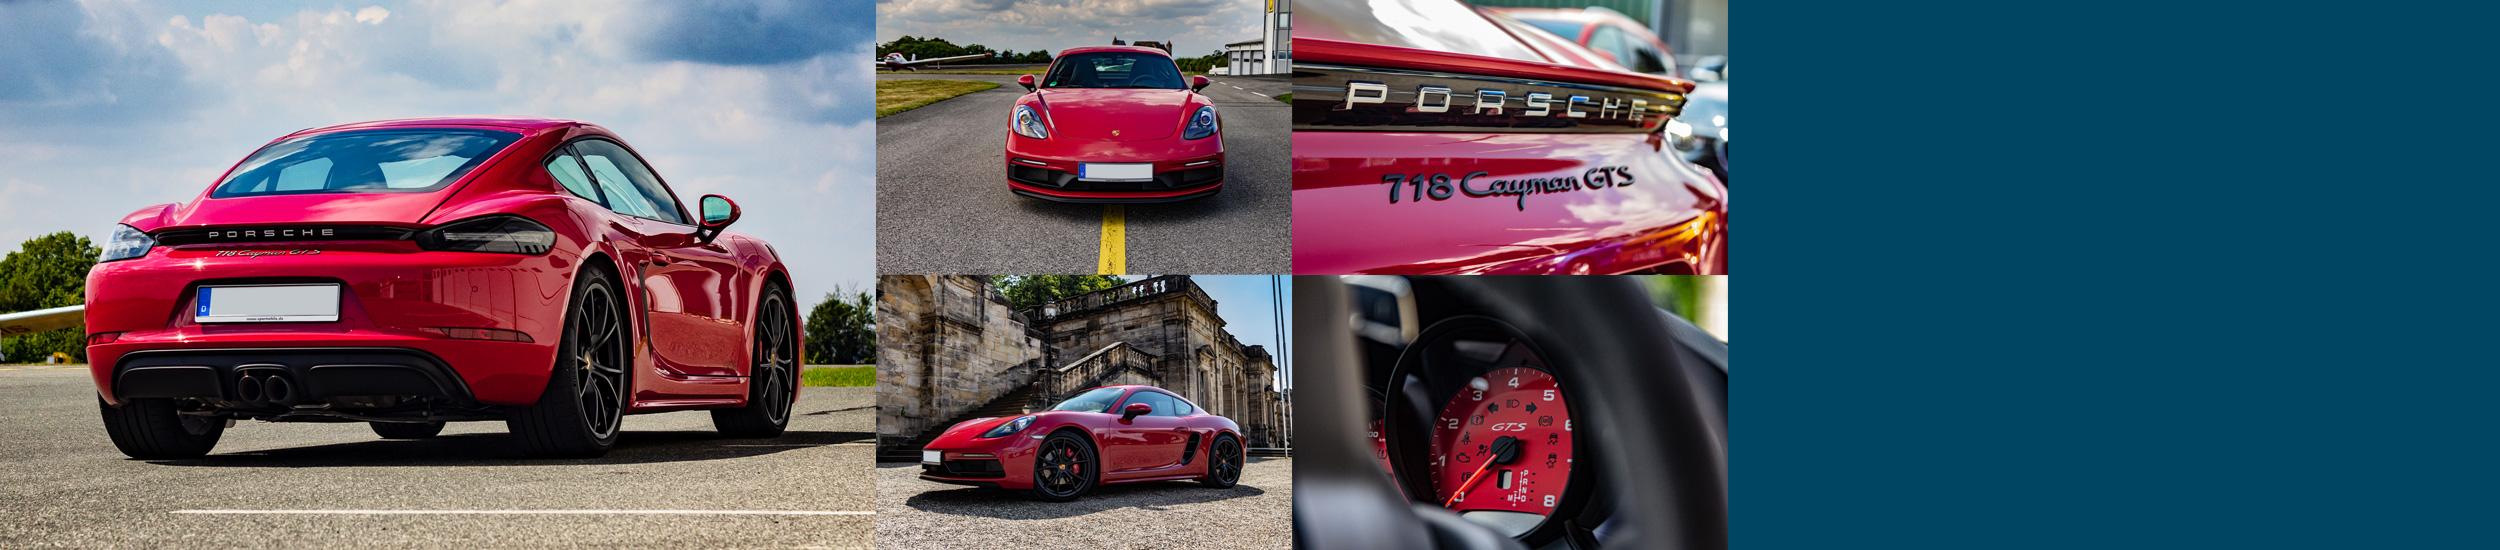 Sparmobile-Porsche-2019-neu